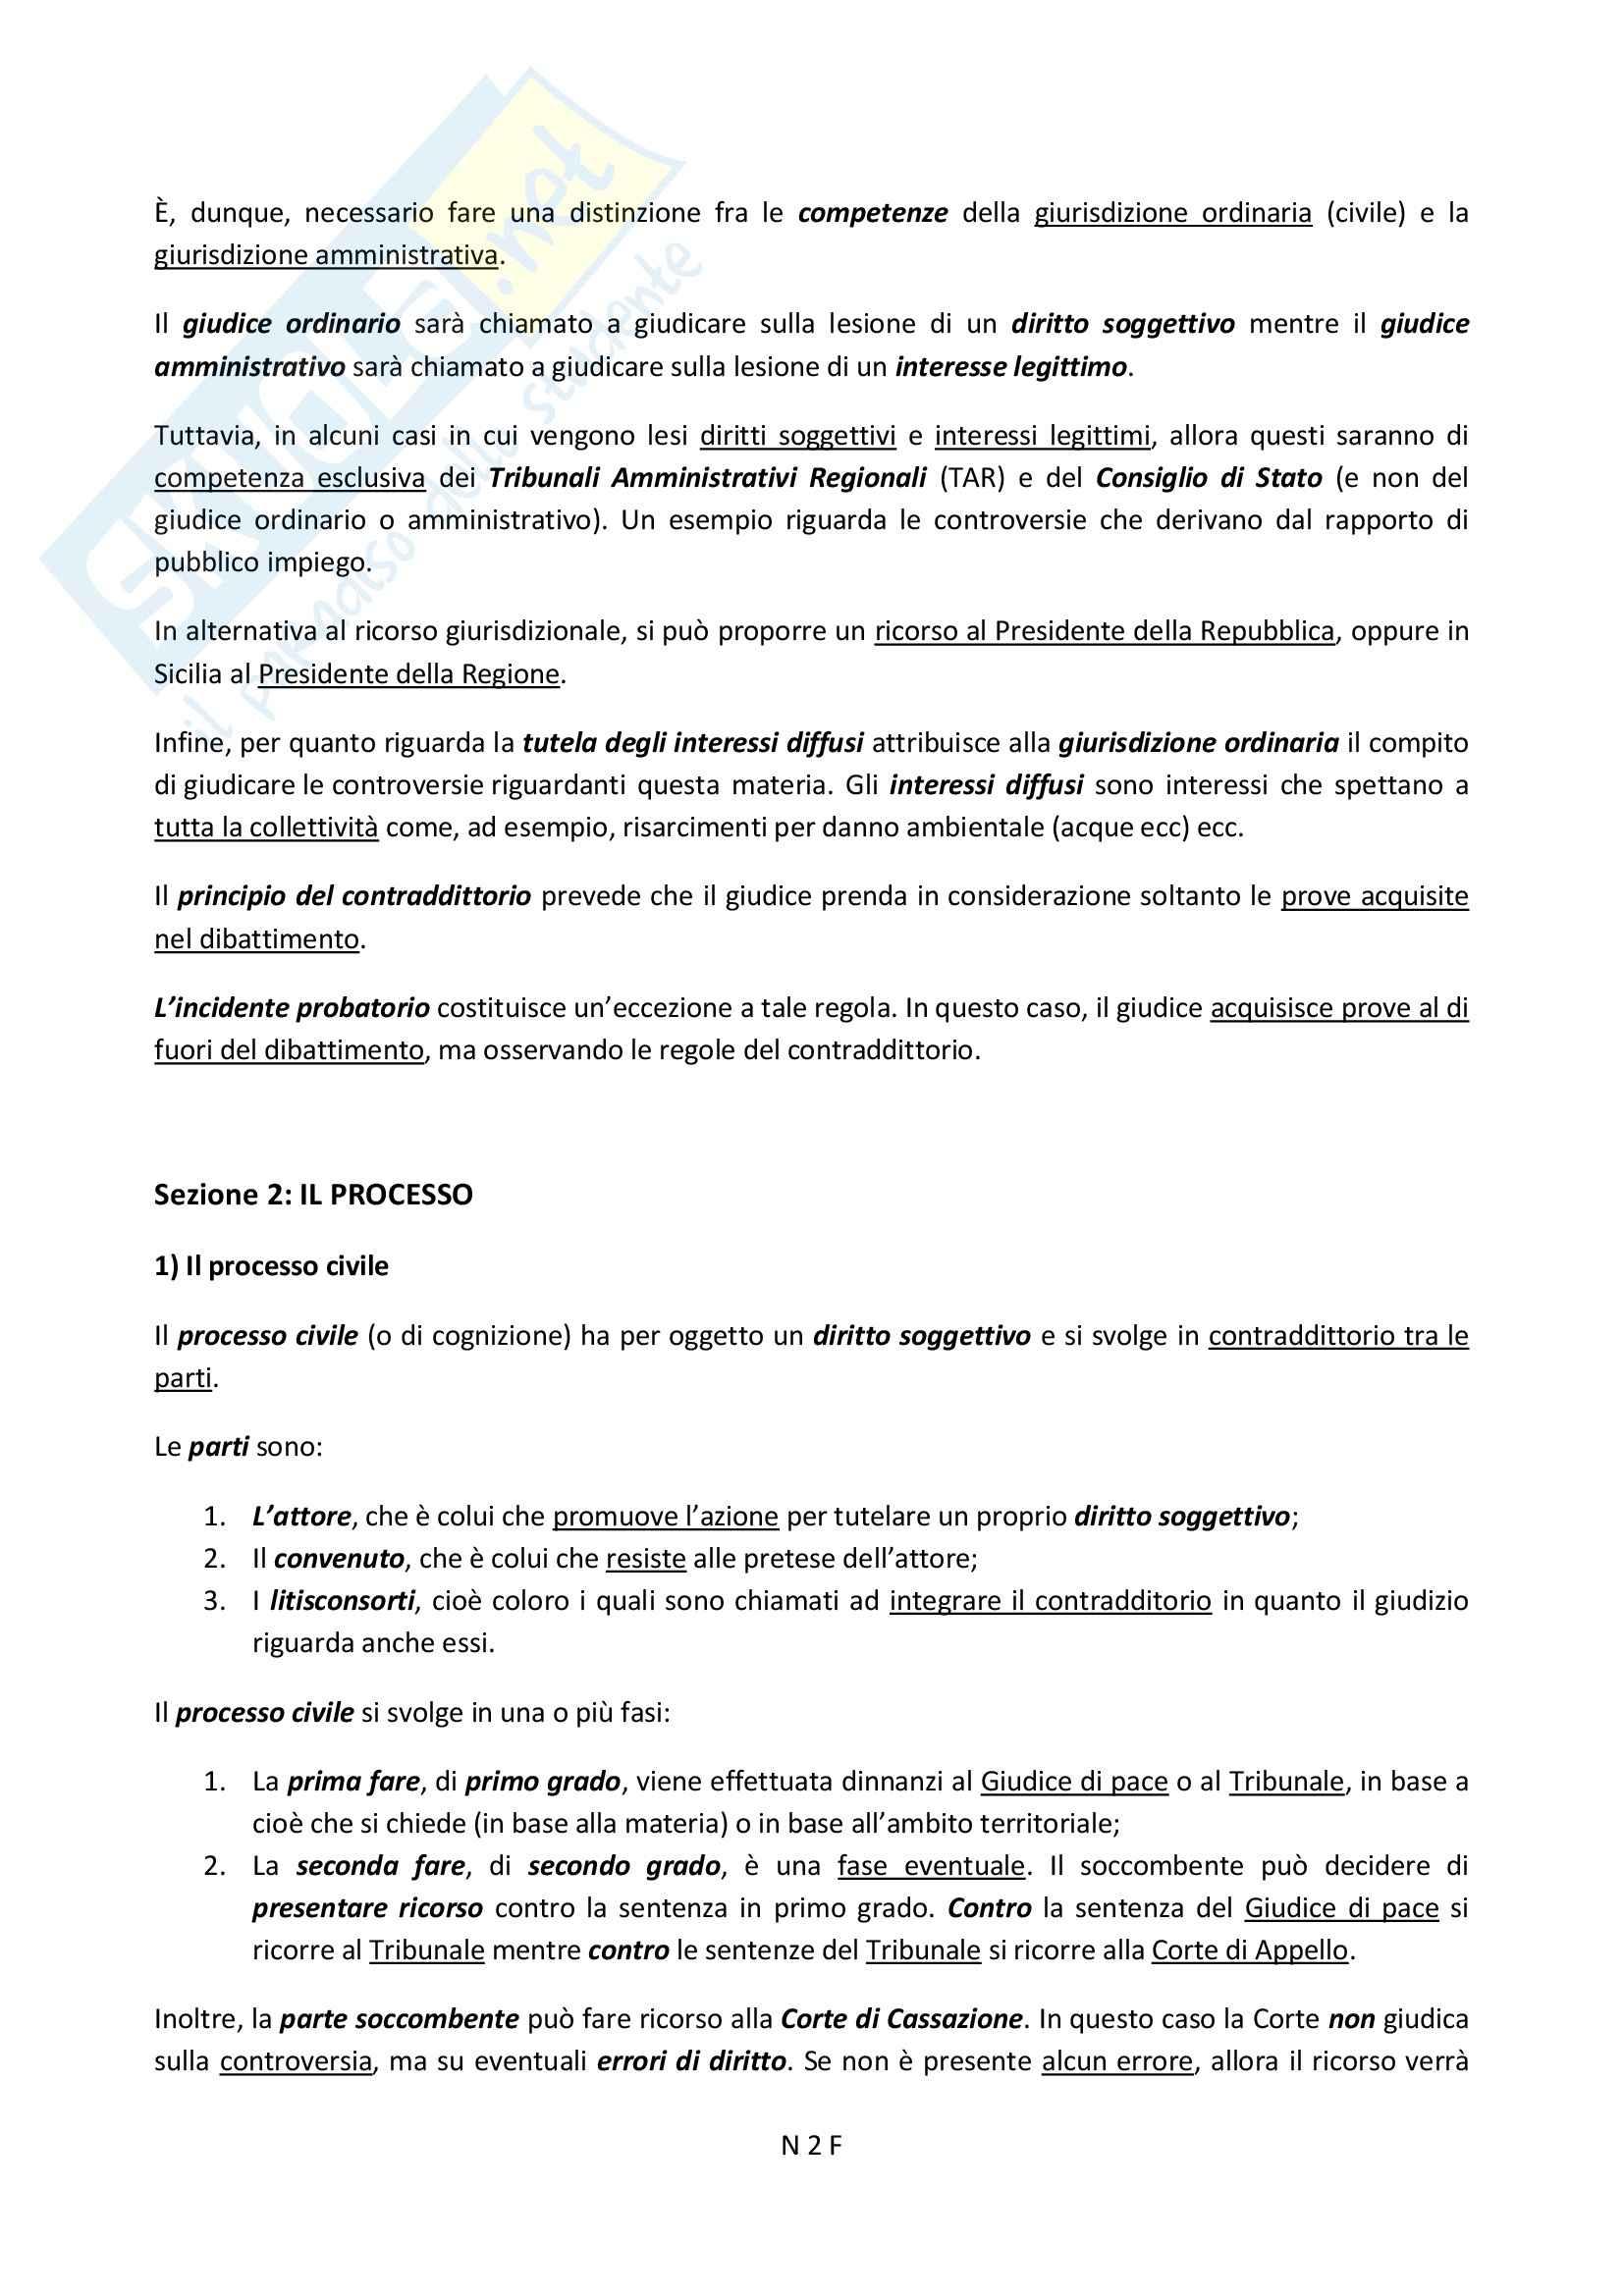 Funzione Giurisdizionale e nozioni, Diritto pubblico Pag. 2